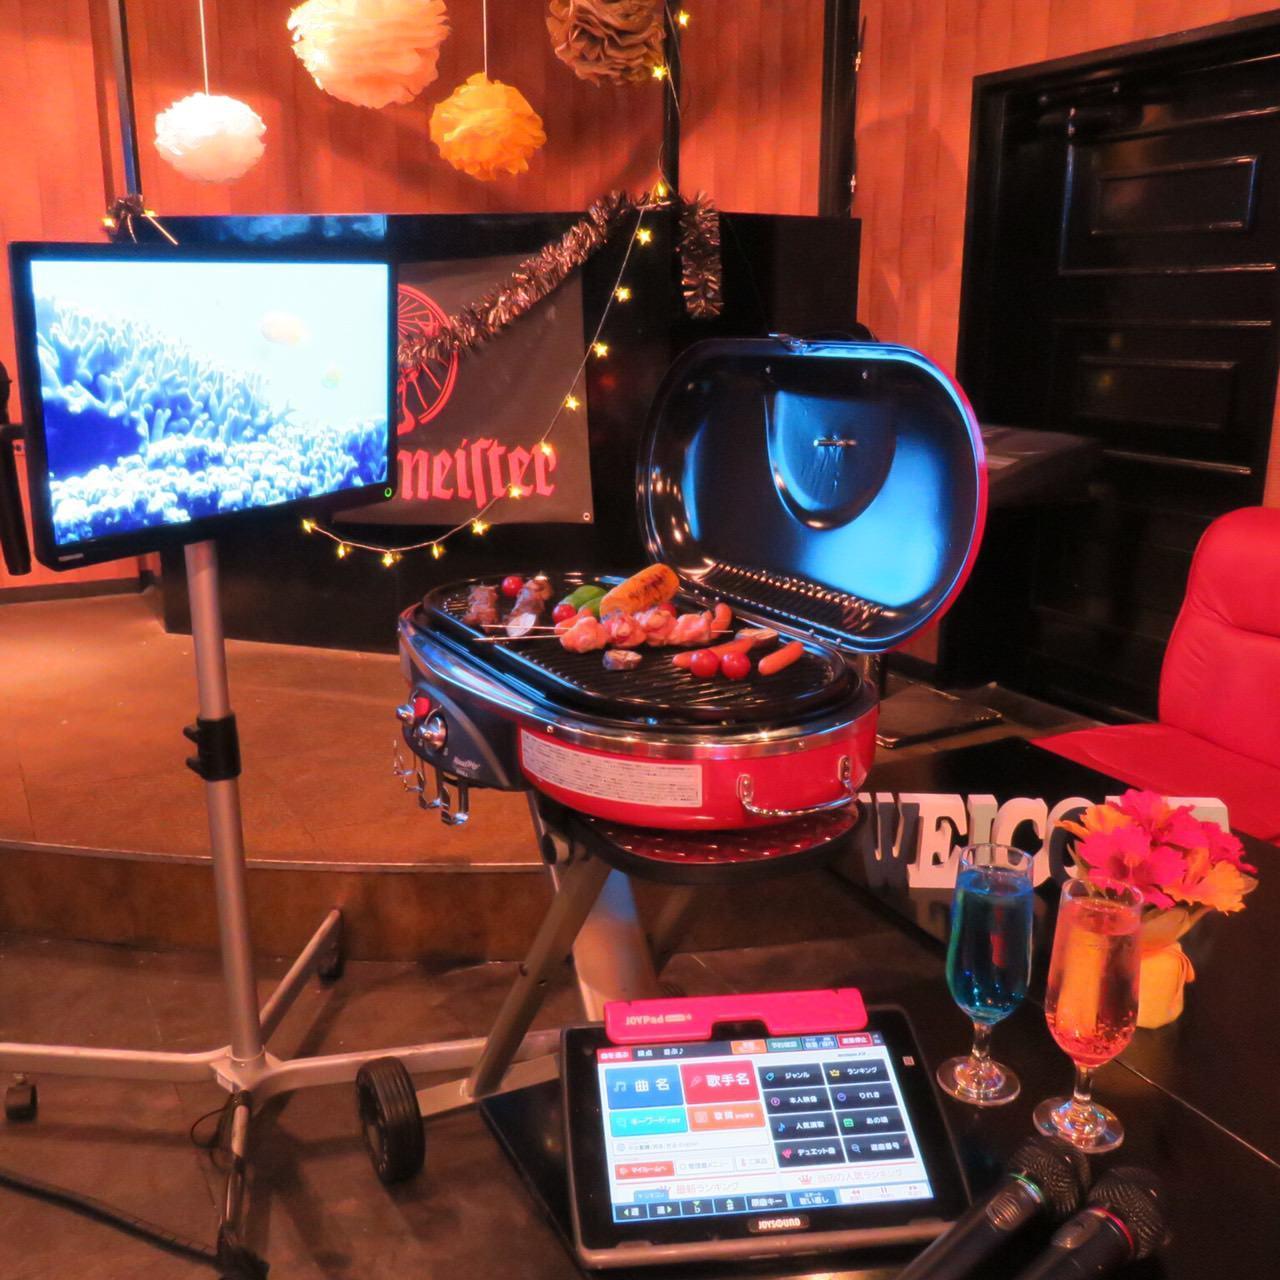 【雨でも安心!!屋内BBQ】BBQ&カラオケプラン♪-《大盛況御礼》自由に楽しめる個室パーティスペース-